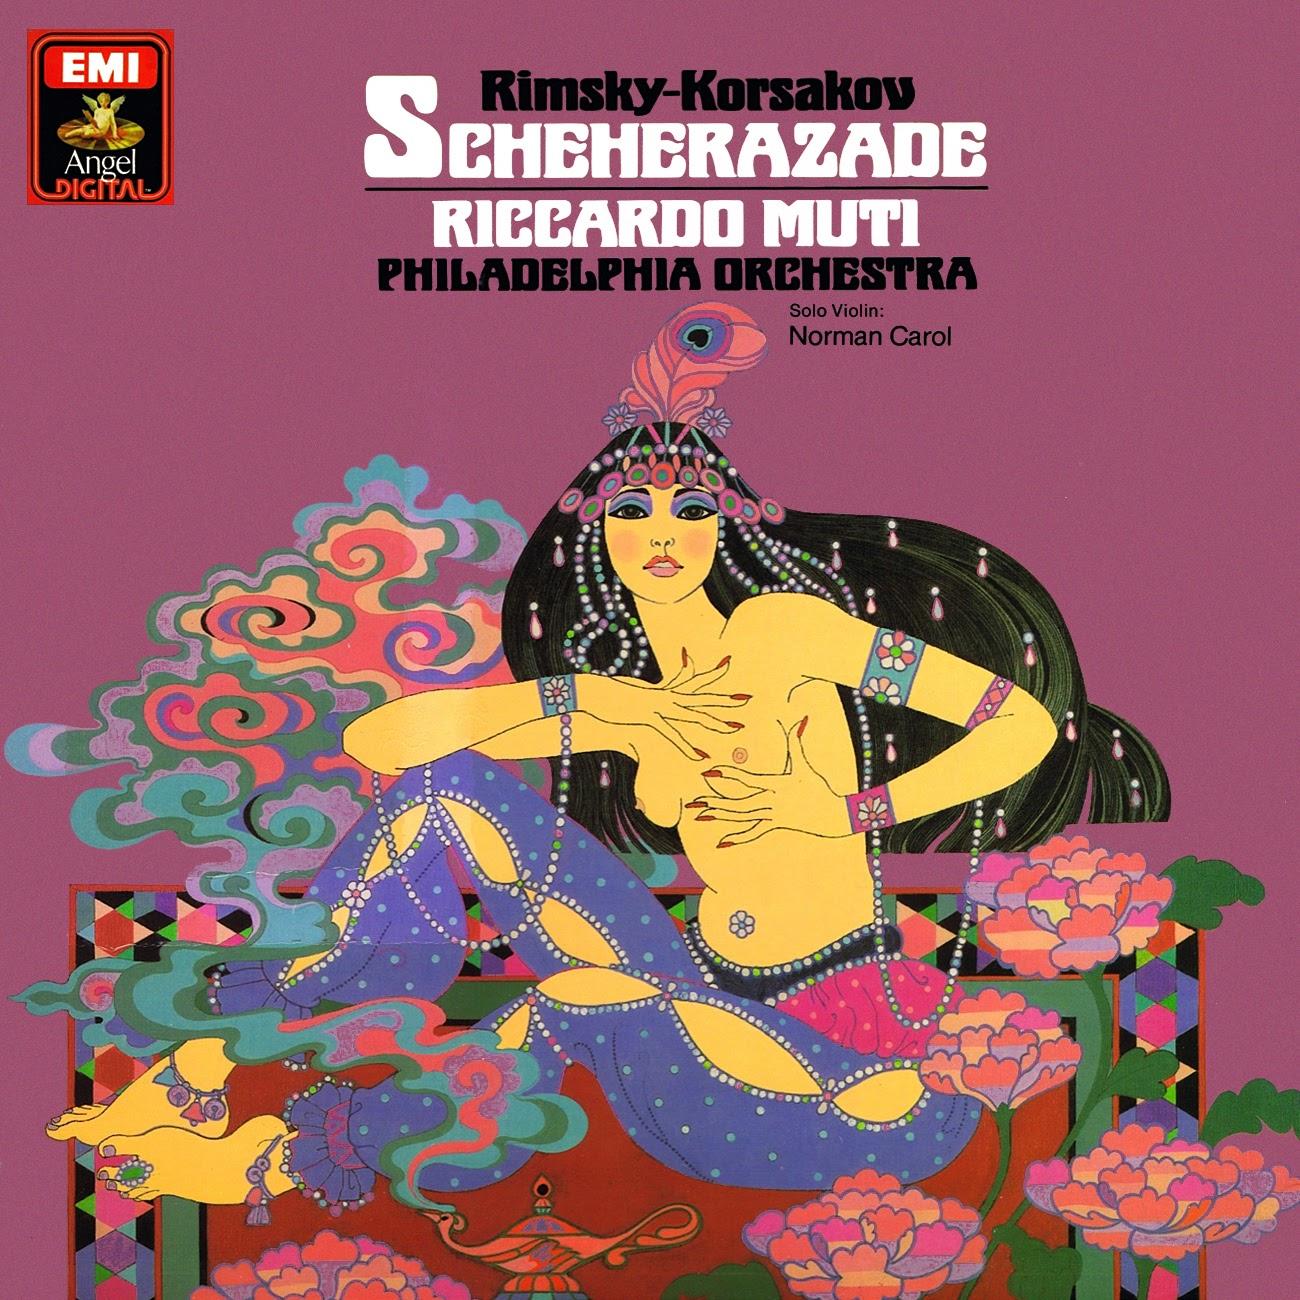 Nikolai Rimsky-Korsakov, Riccardo Muti